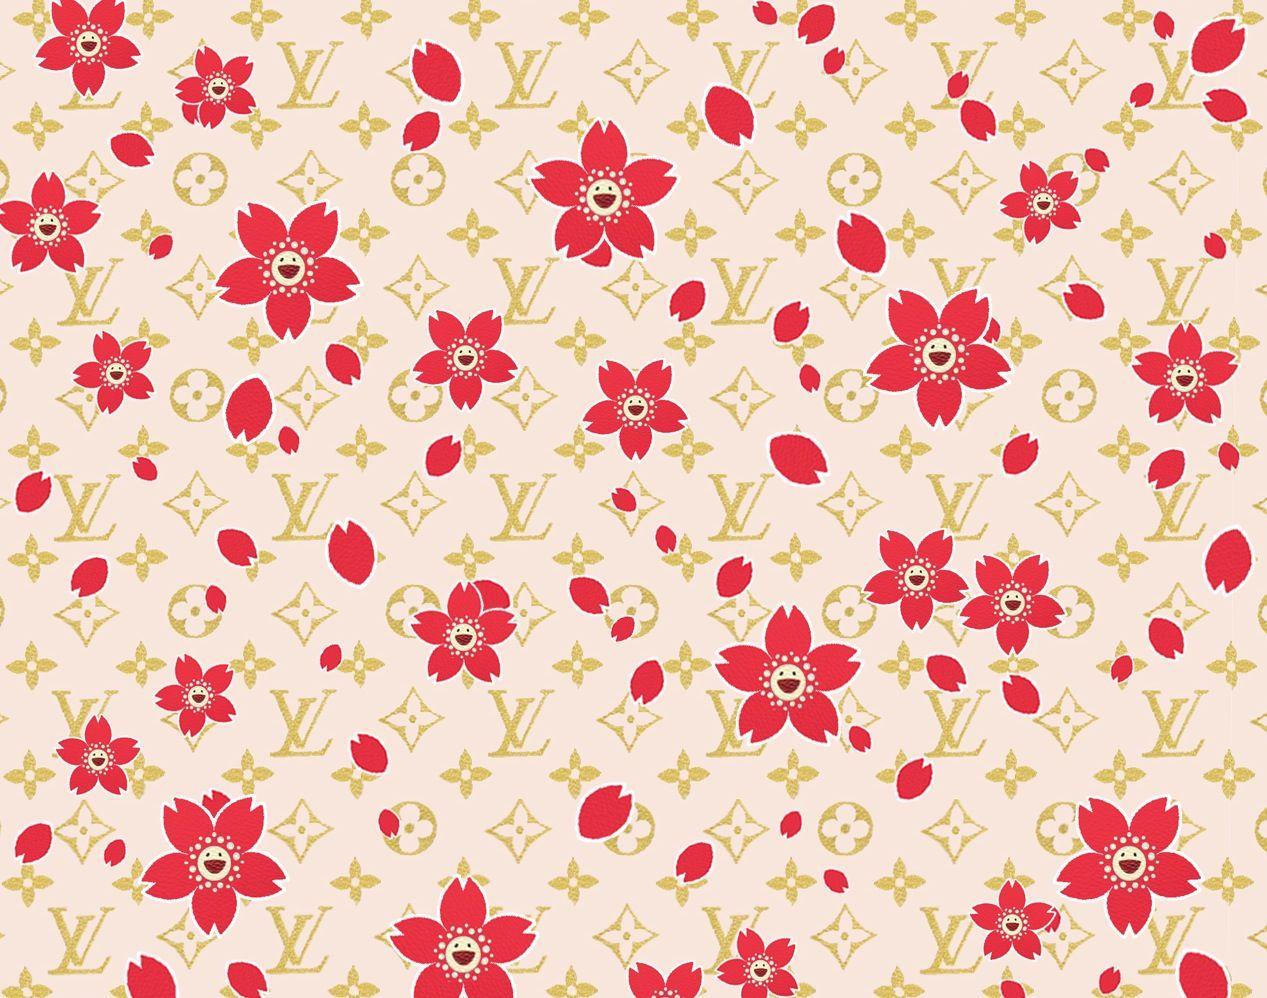 Cbcreamred Jpg 1267 998 Louis Vuitton Iphone Wallpaper Louis Vuitton Background Louis Vuitton Pattern